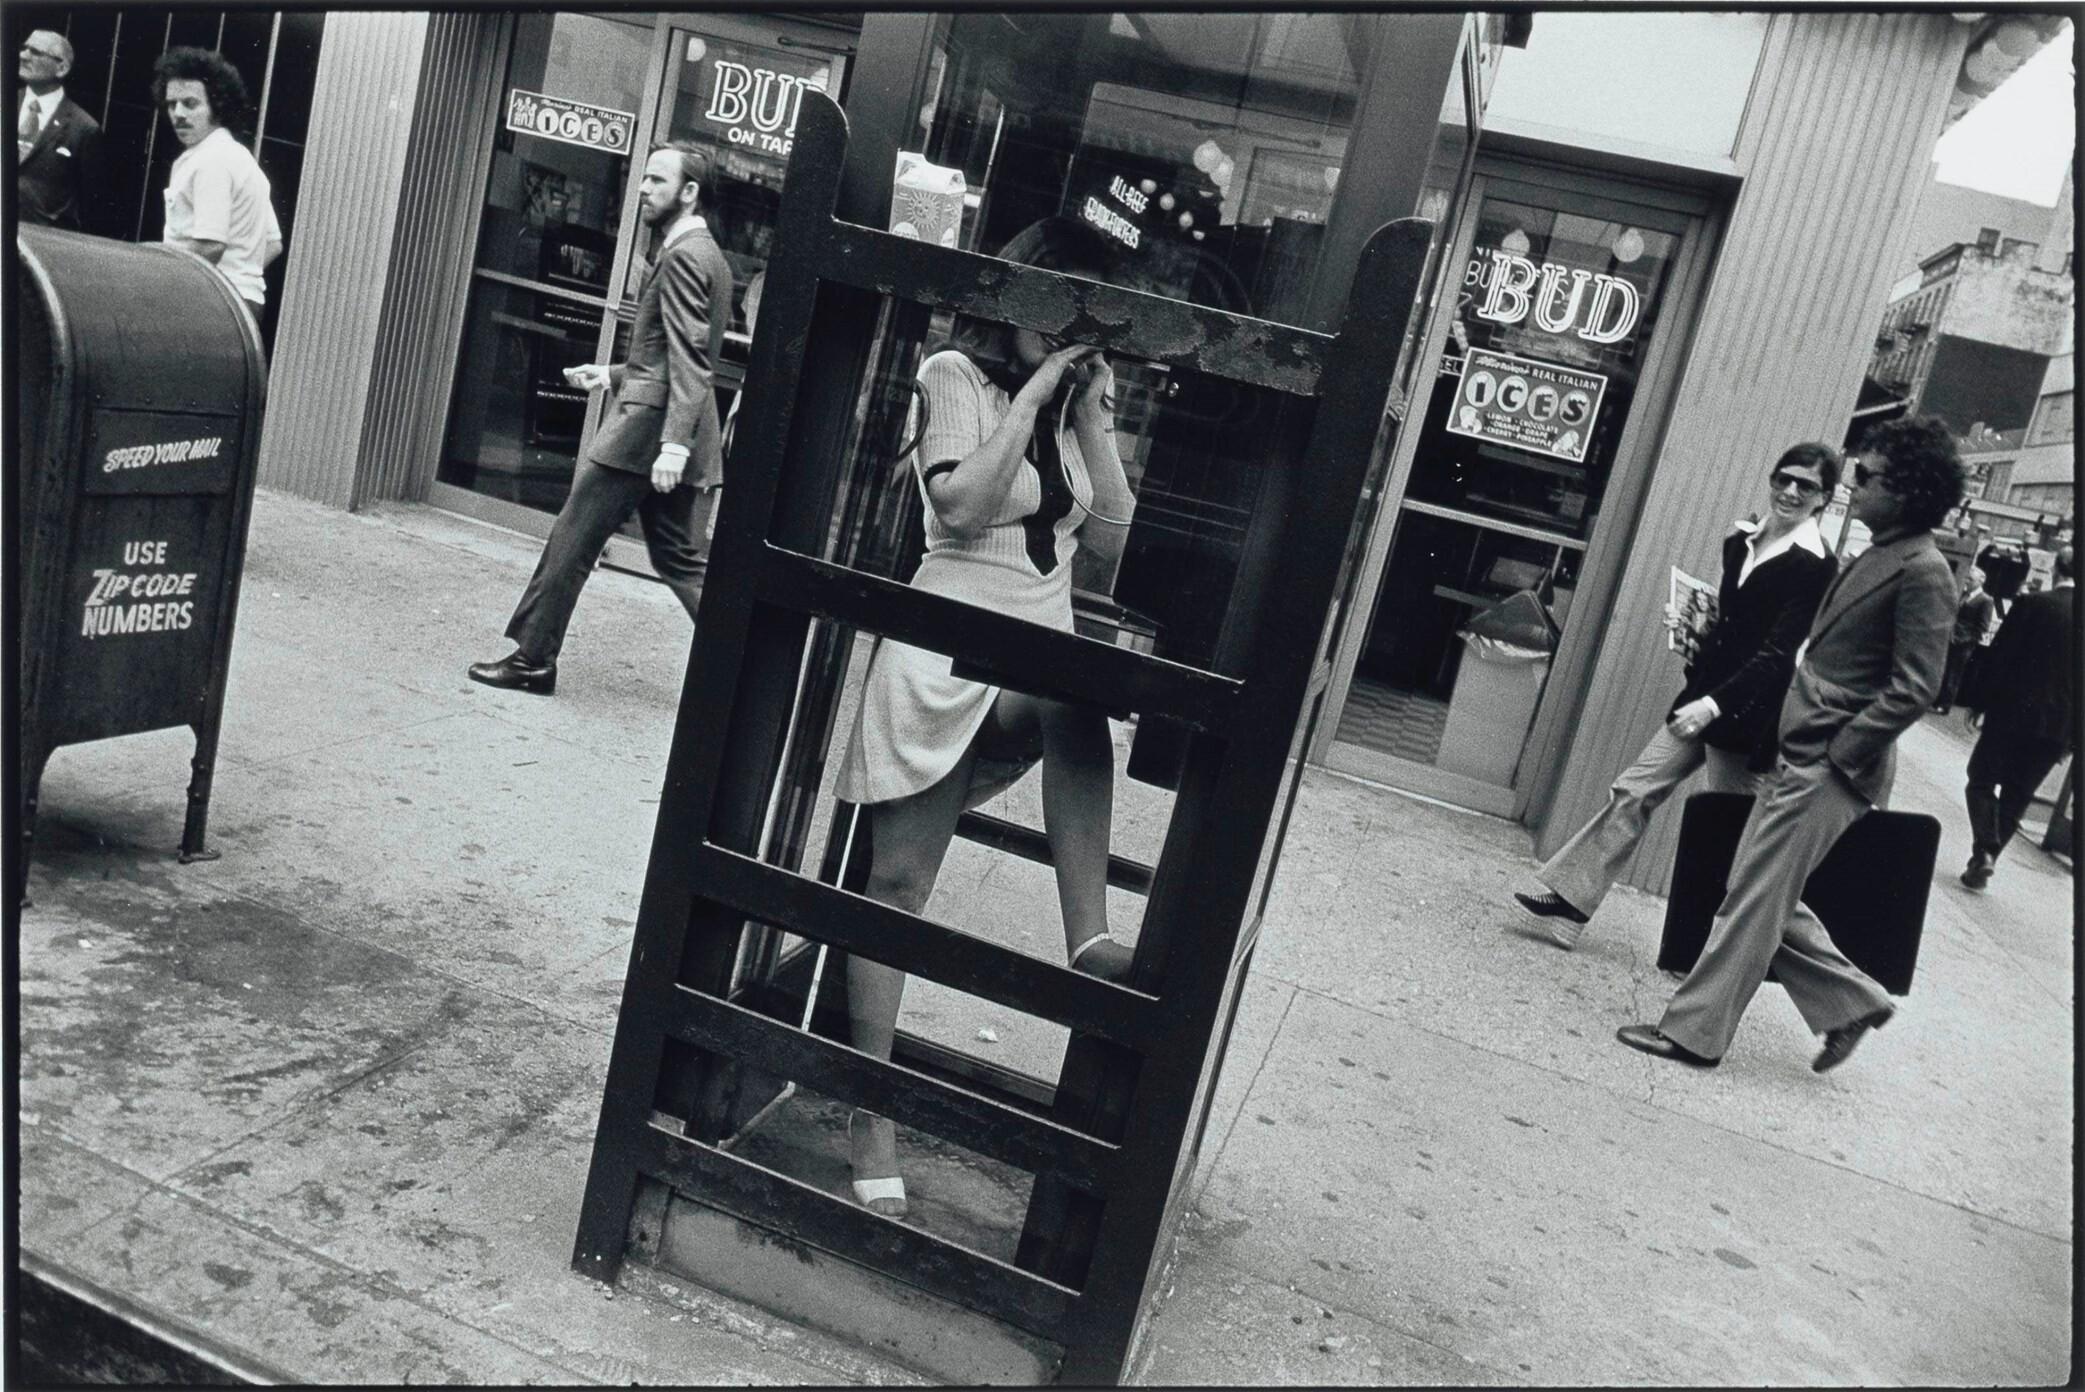 Из серии «Женщины прекрасны», Нью-Йорк, 1972. Фотограф Гарри Виногранд